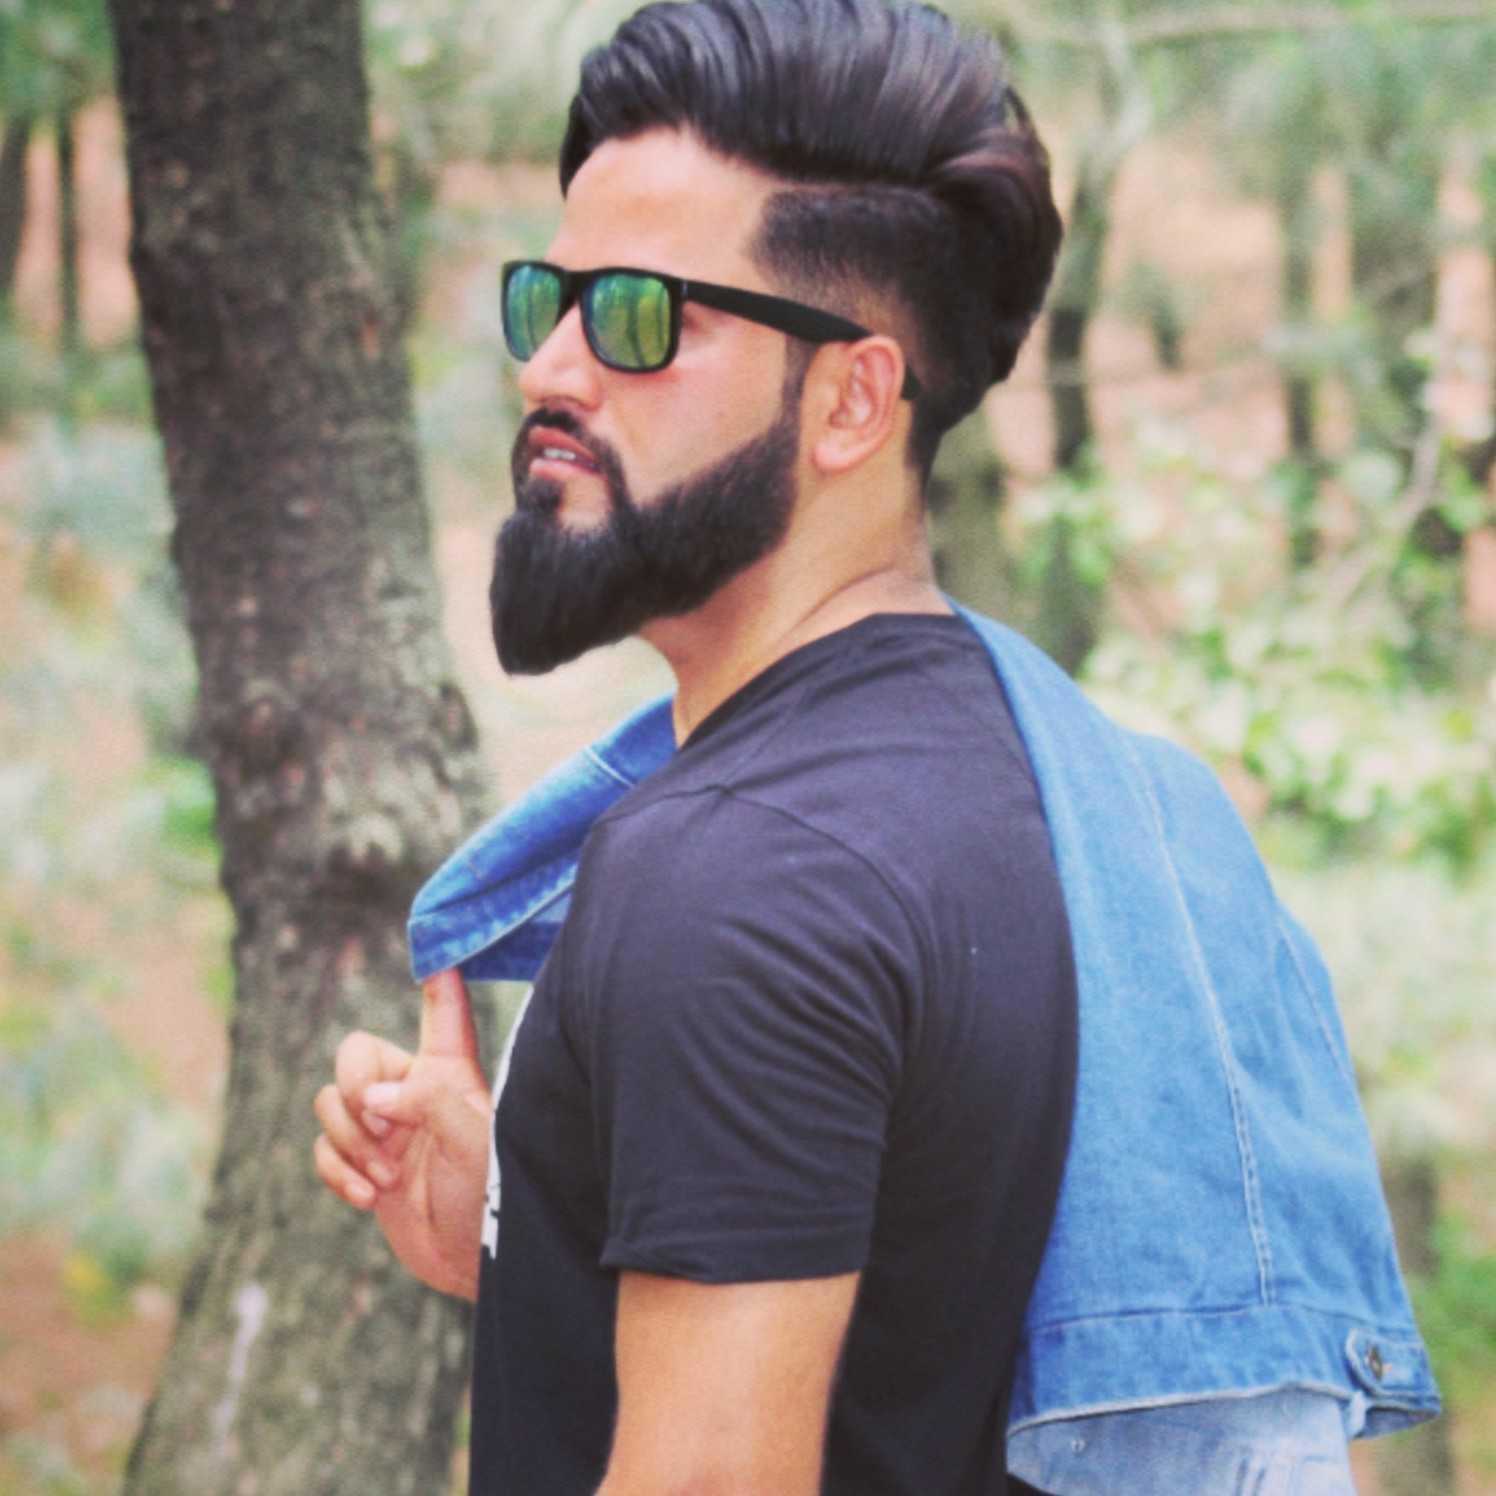 Zubair bhat